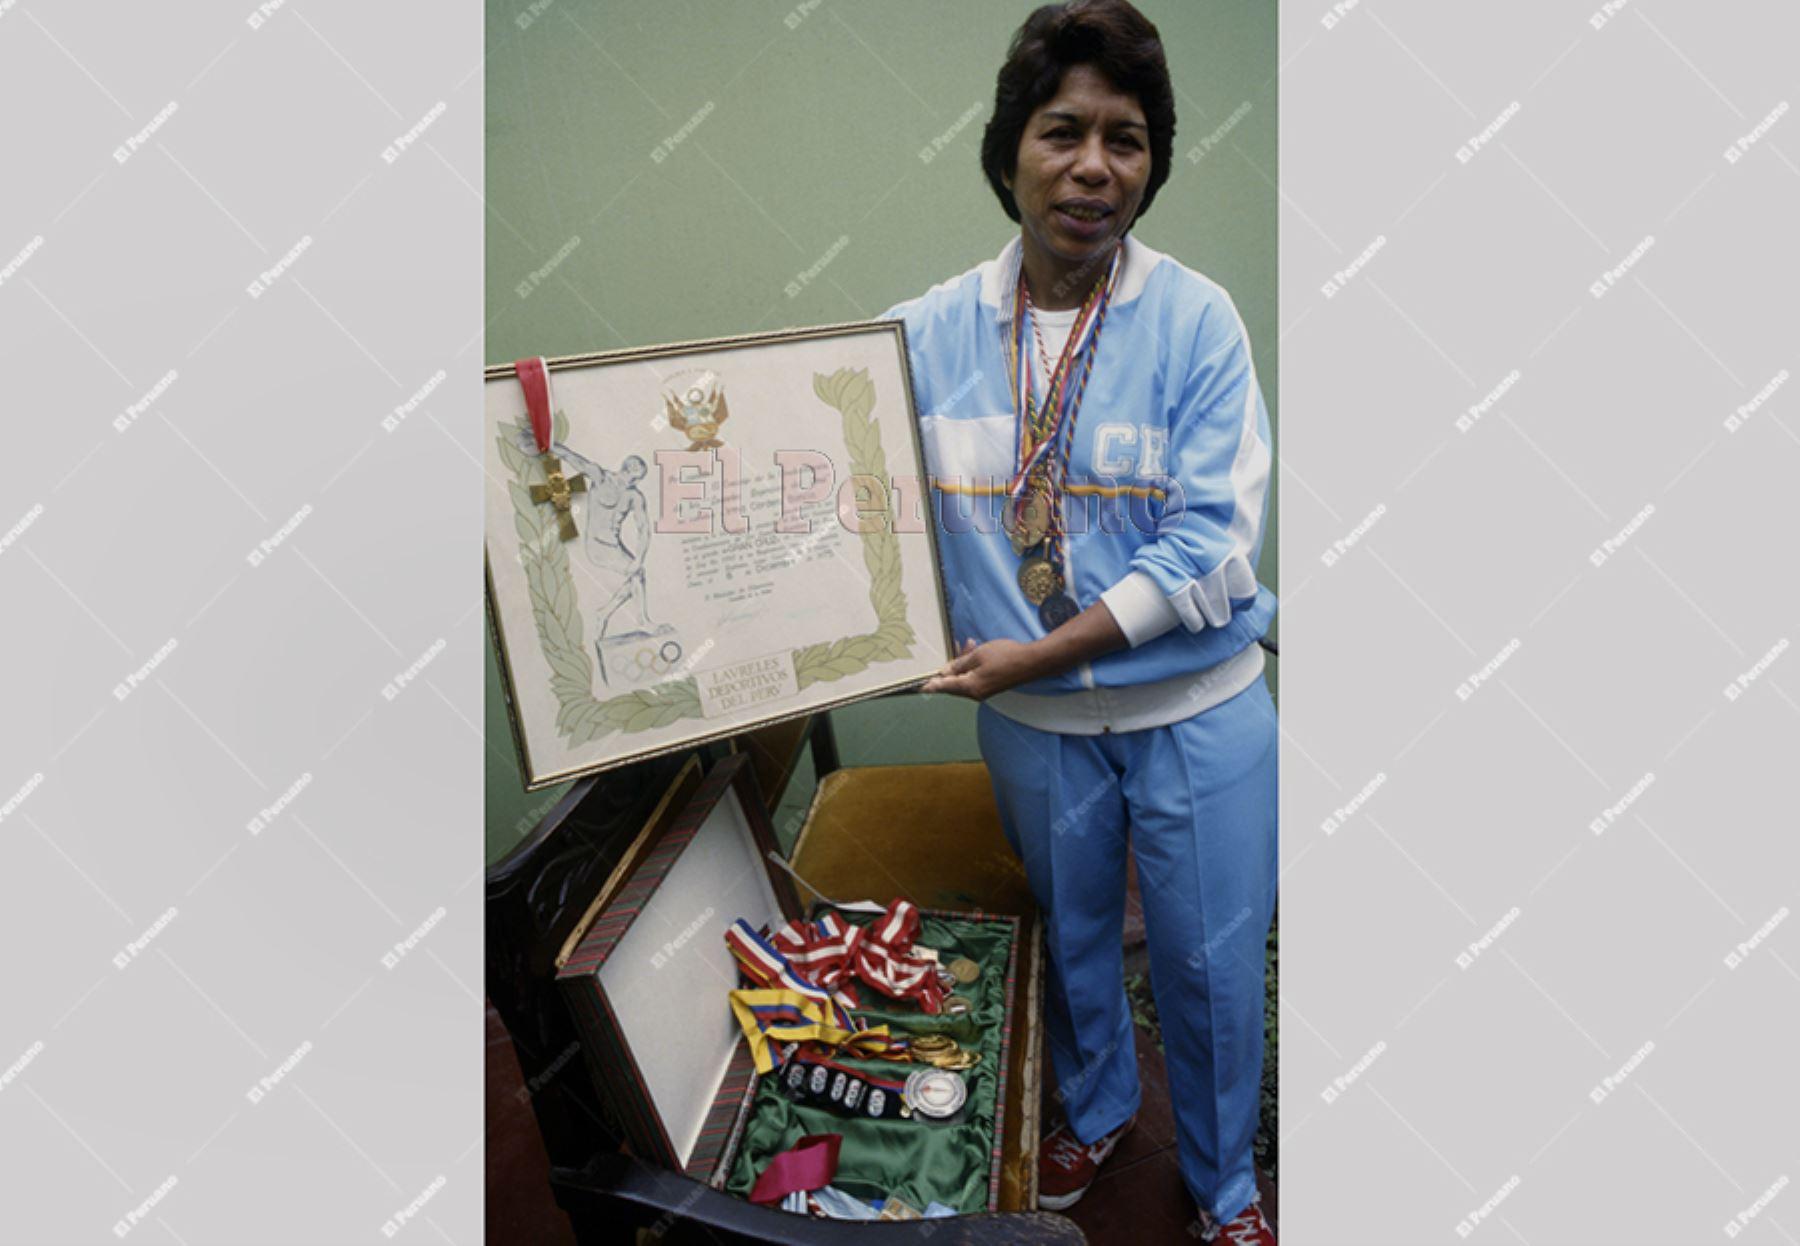 Lima - 25 octubre 1987 / Irma Cordero con el diploma de los laureles deportivos y sus medallas ganadas a lo largo de su trayectoria como voleibolista.  Foto: Archivo Histórico de El Peruano.